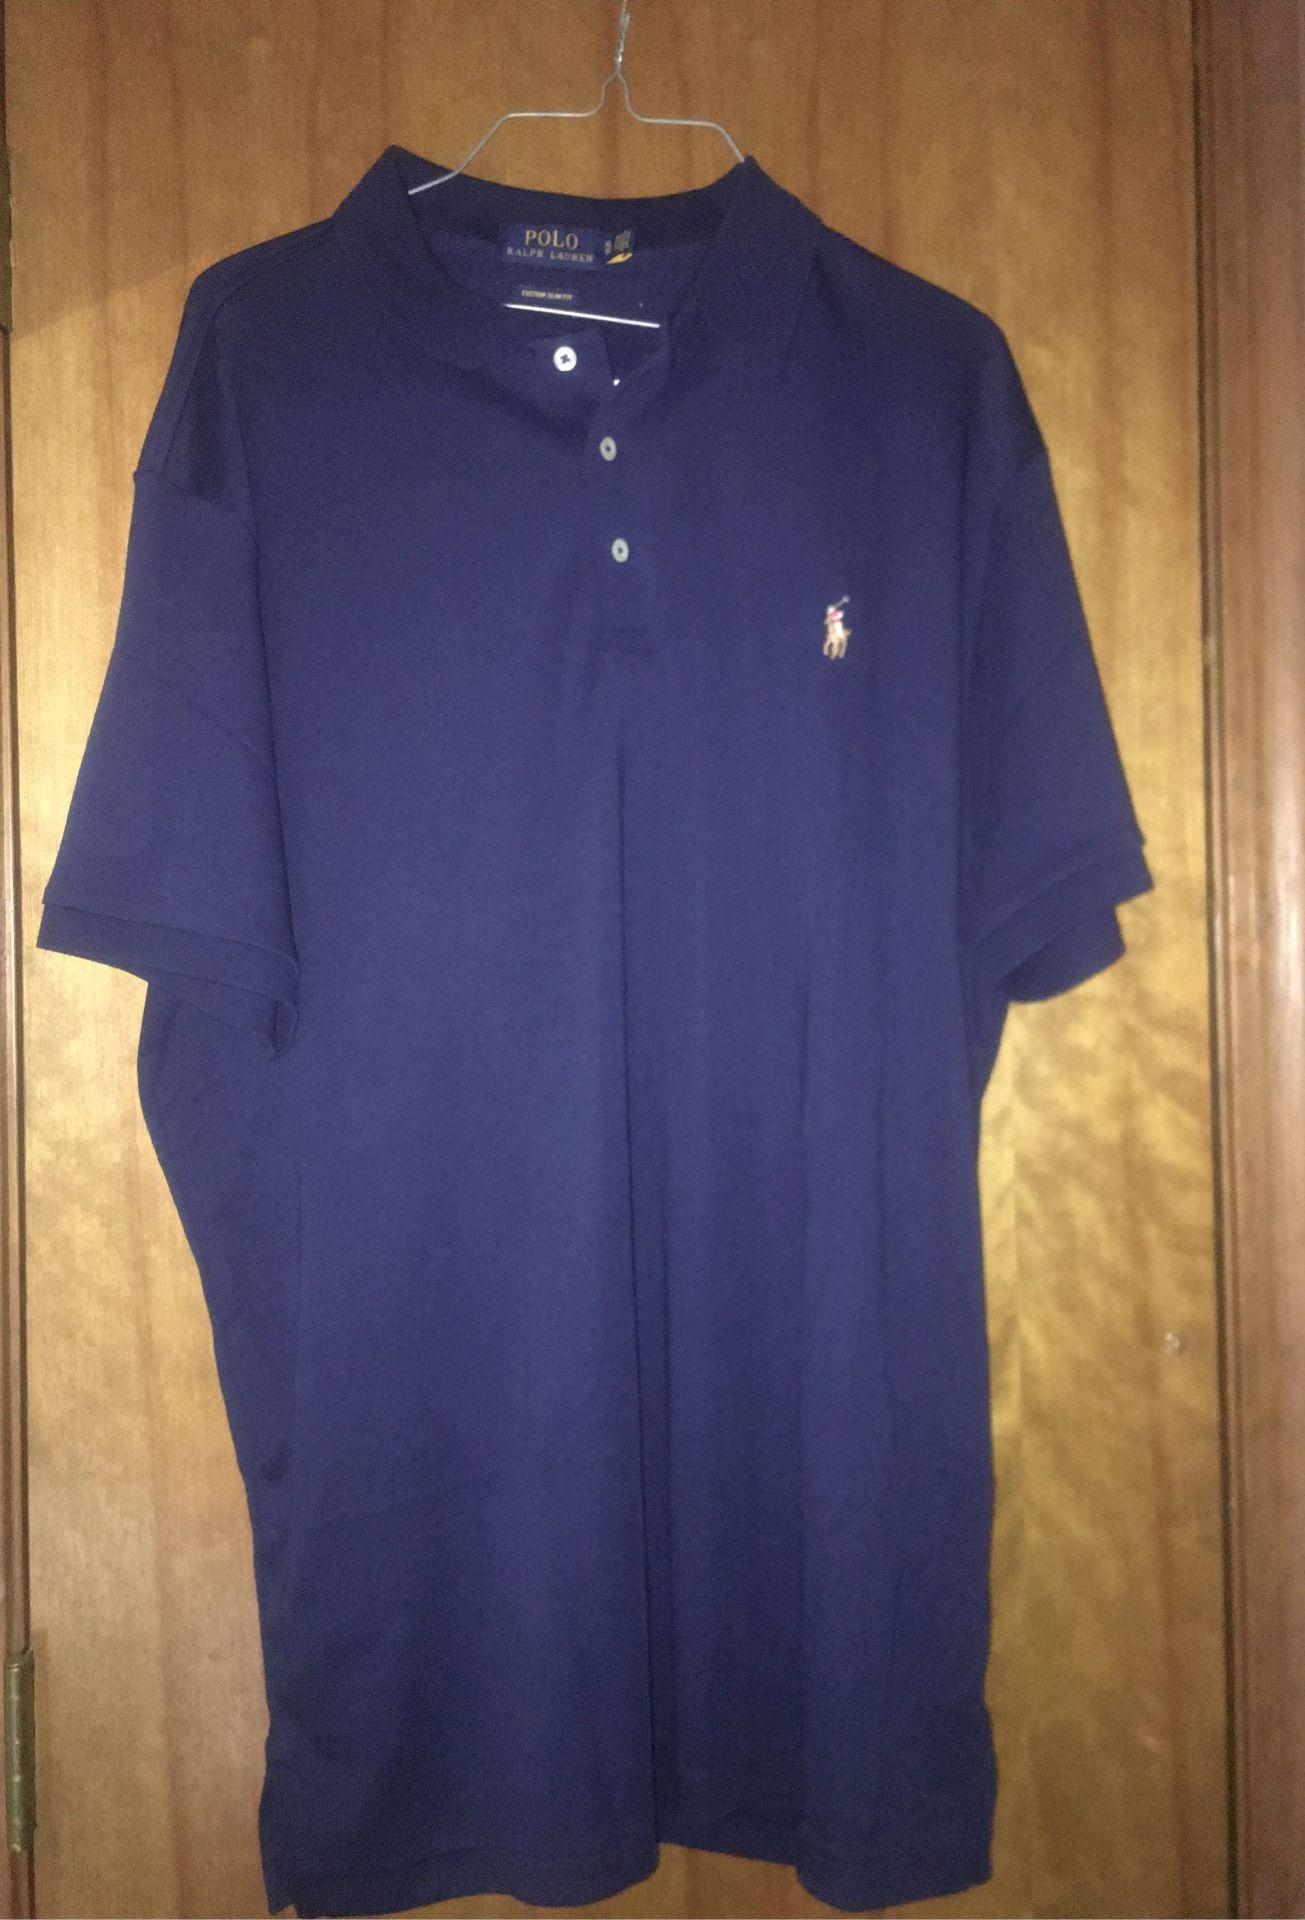 XL slim fit polo shirt